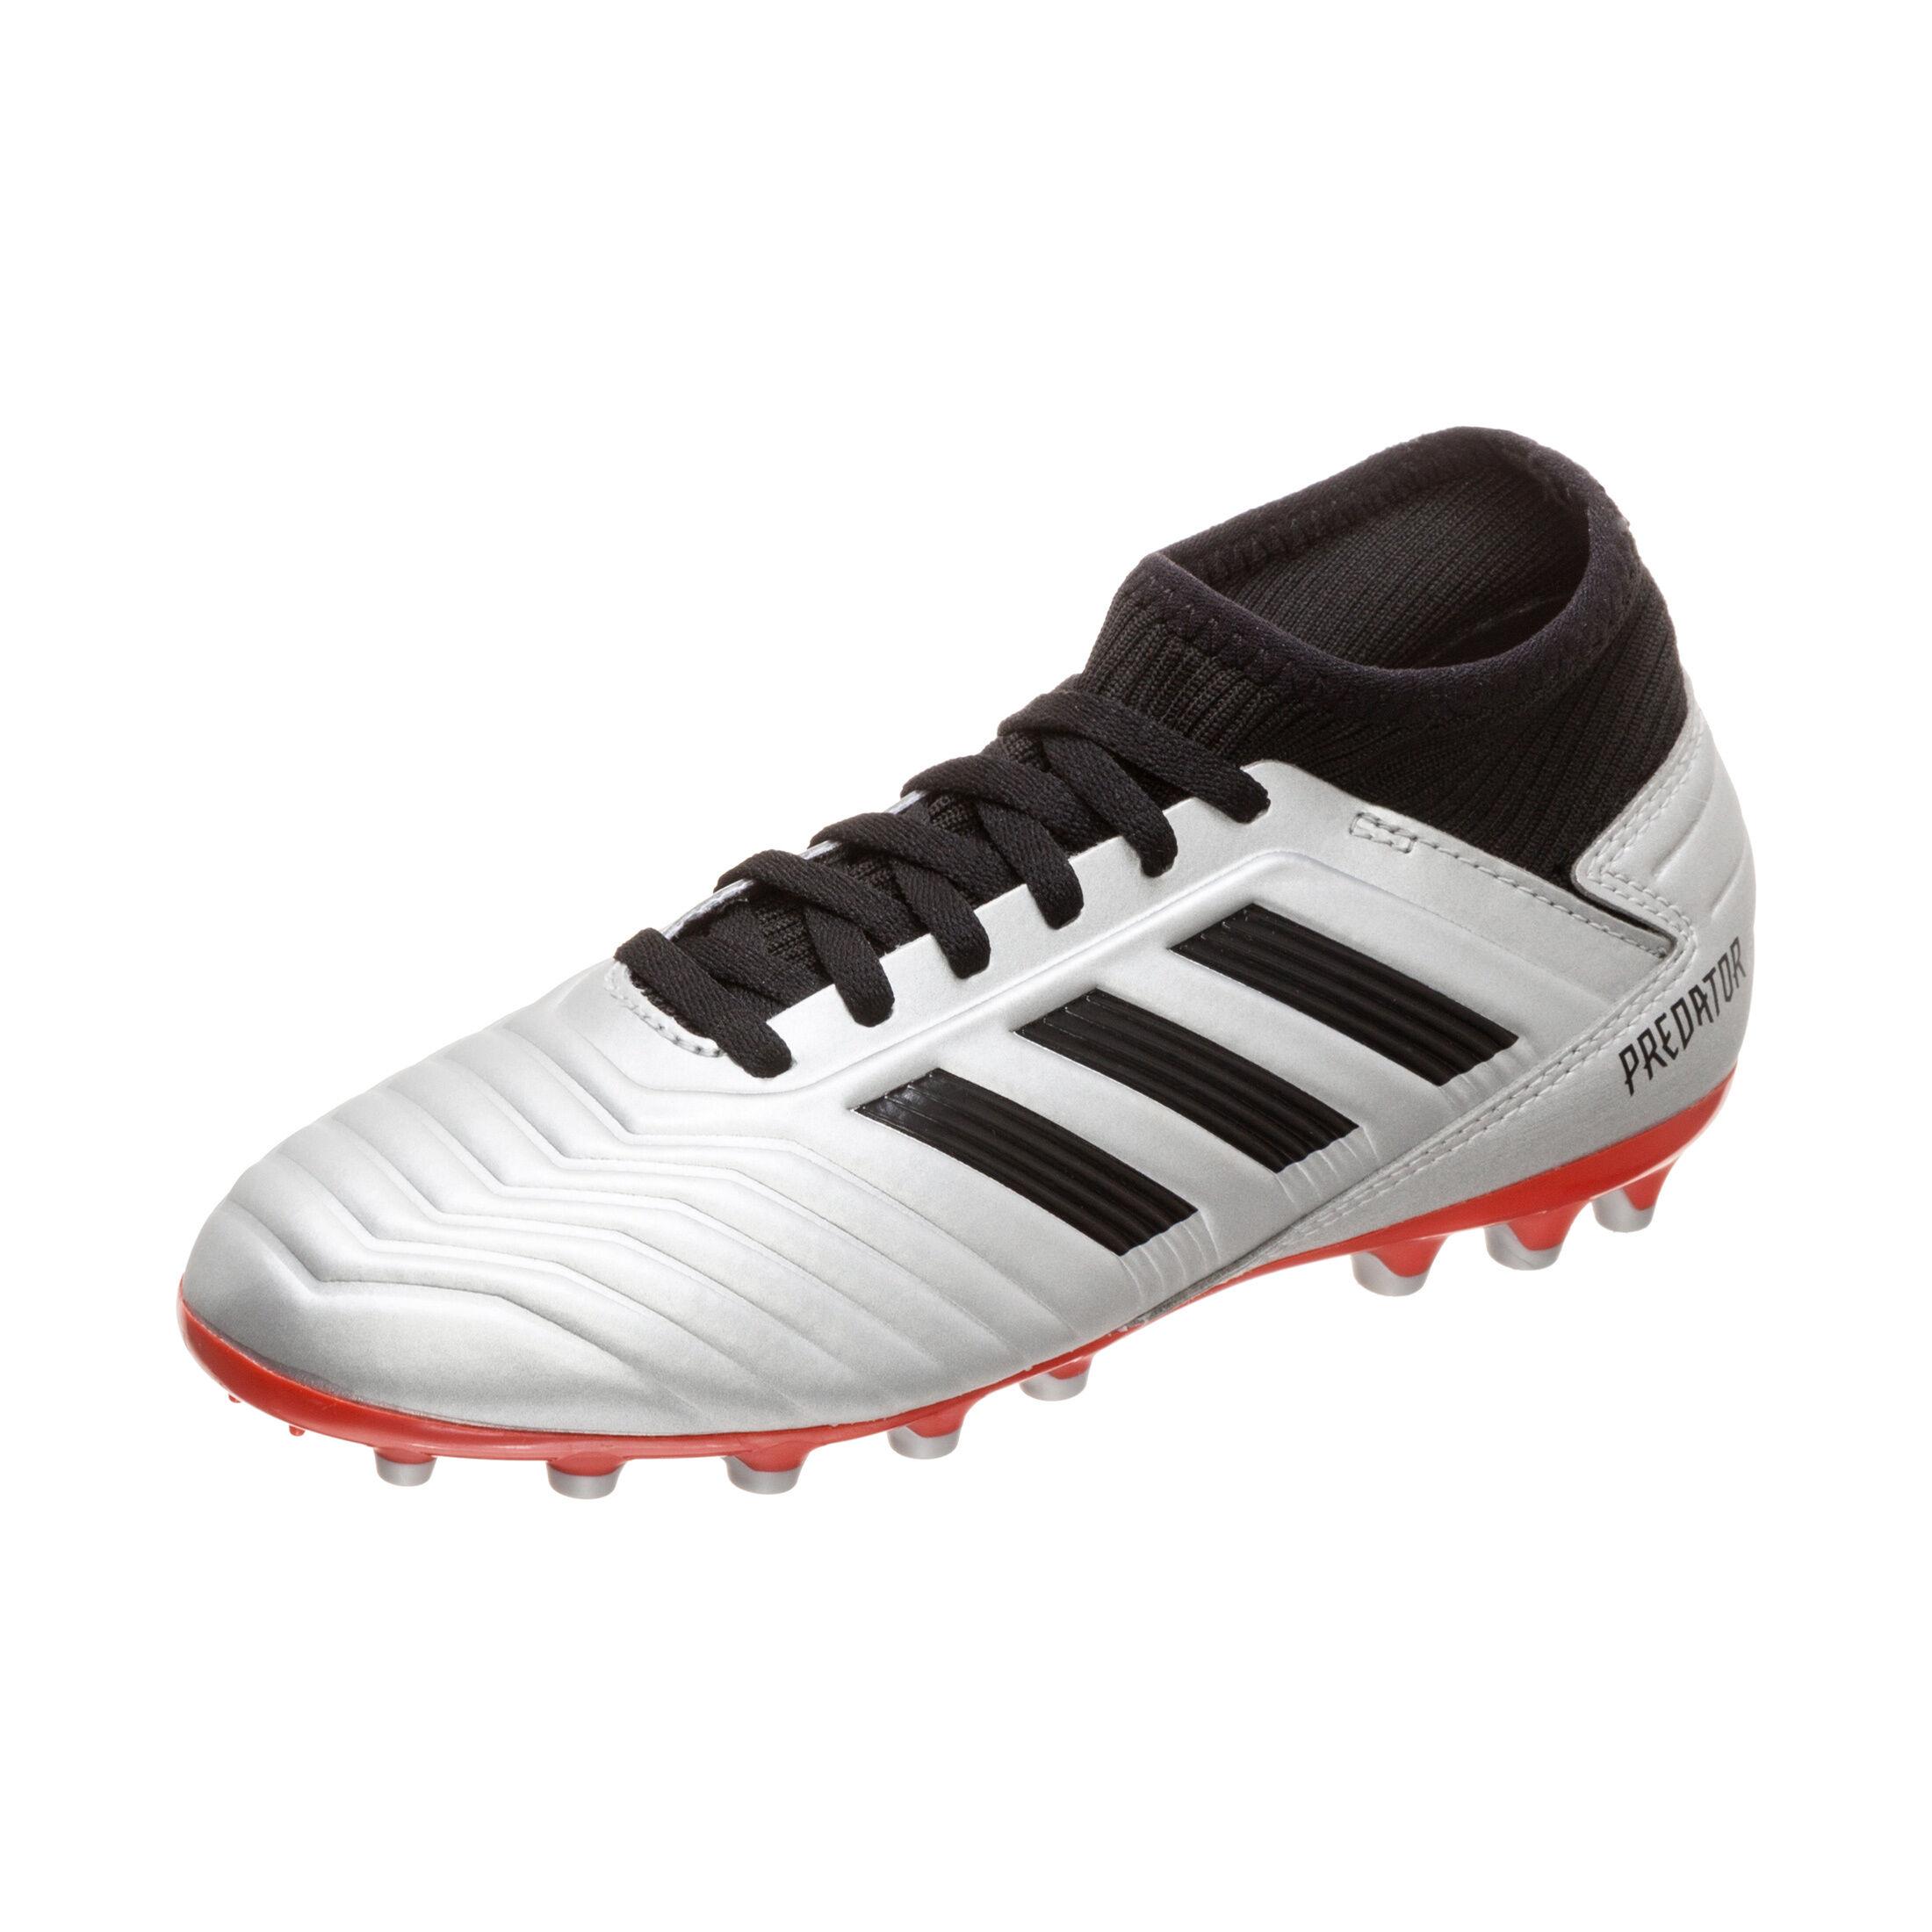 adidas Performance Predator 19.3 AG Fußballschuh Kinder bei